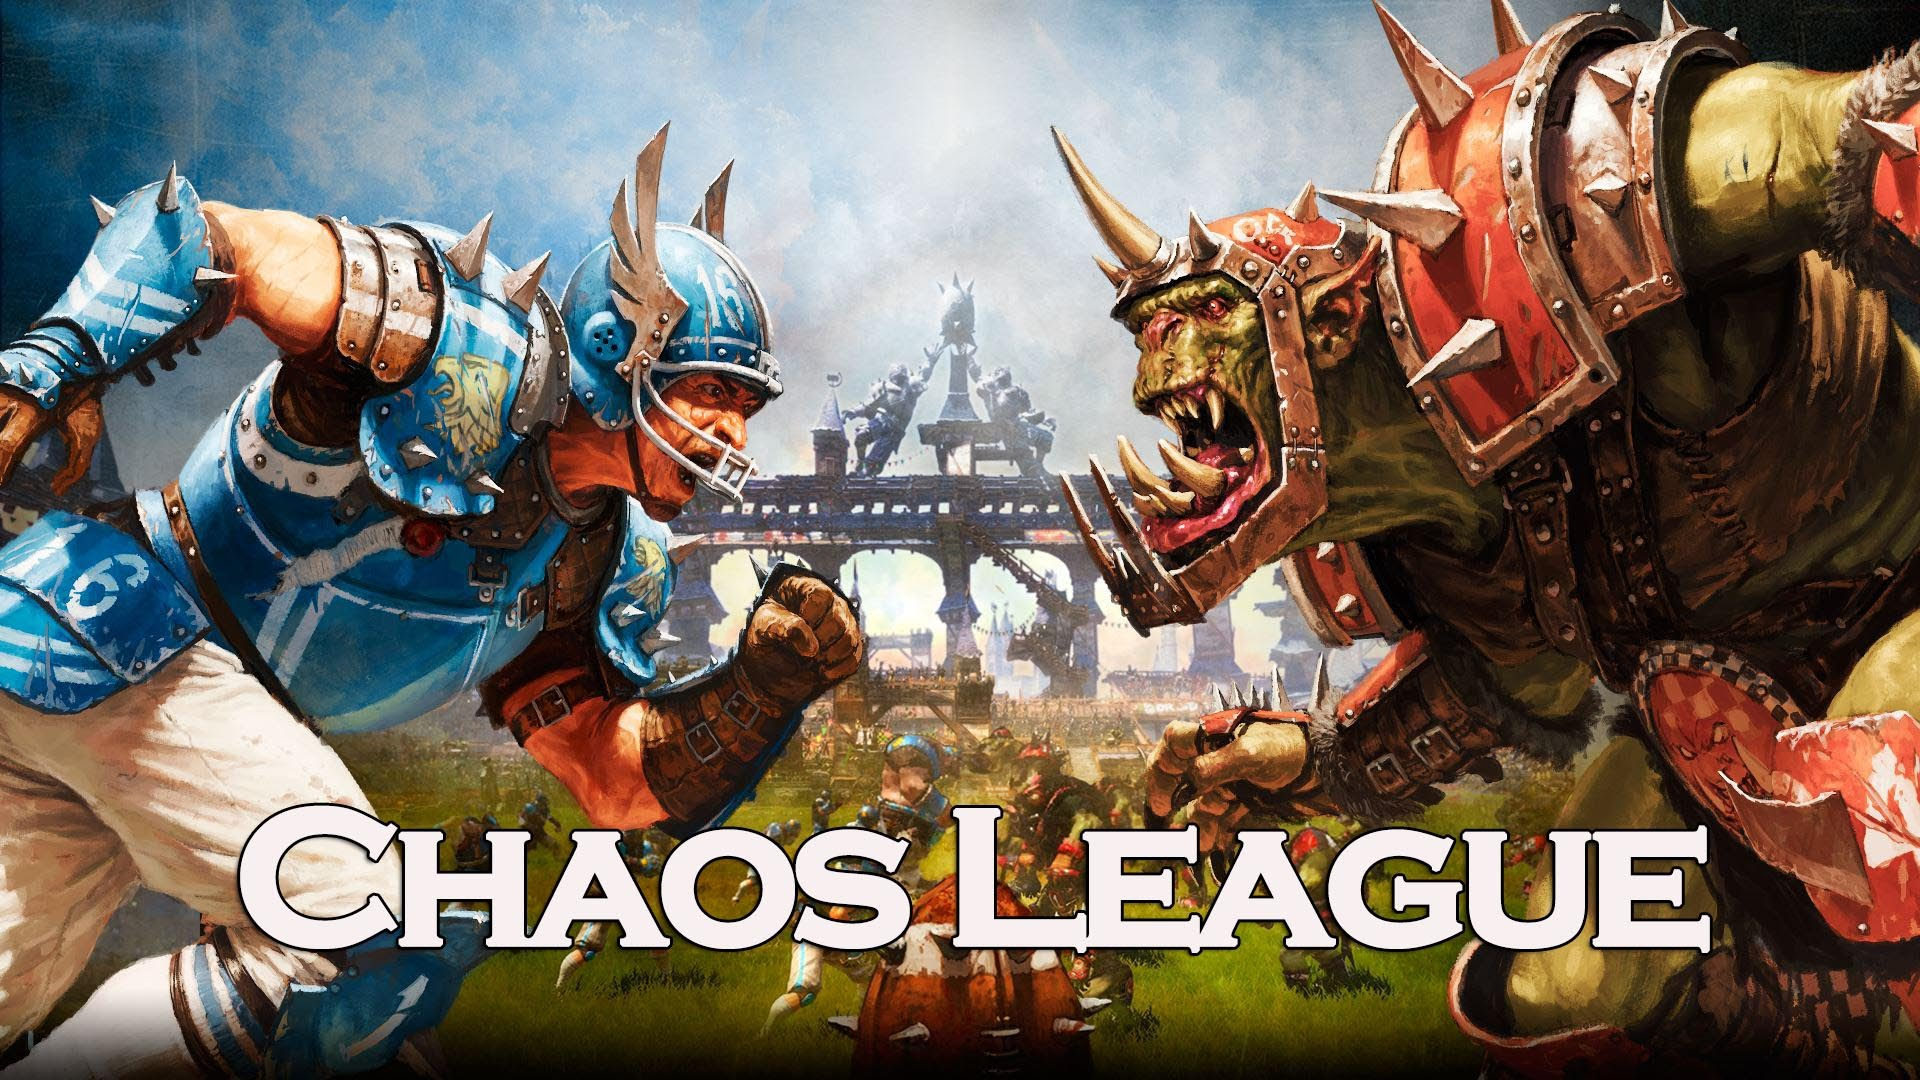 Озвучка экипажа из игры Chaos League для World of Tanks 1.7.0.2